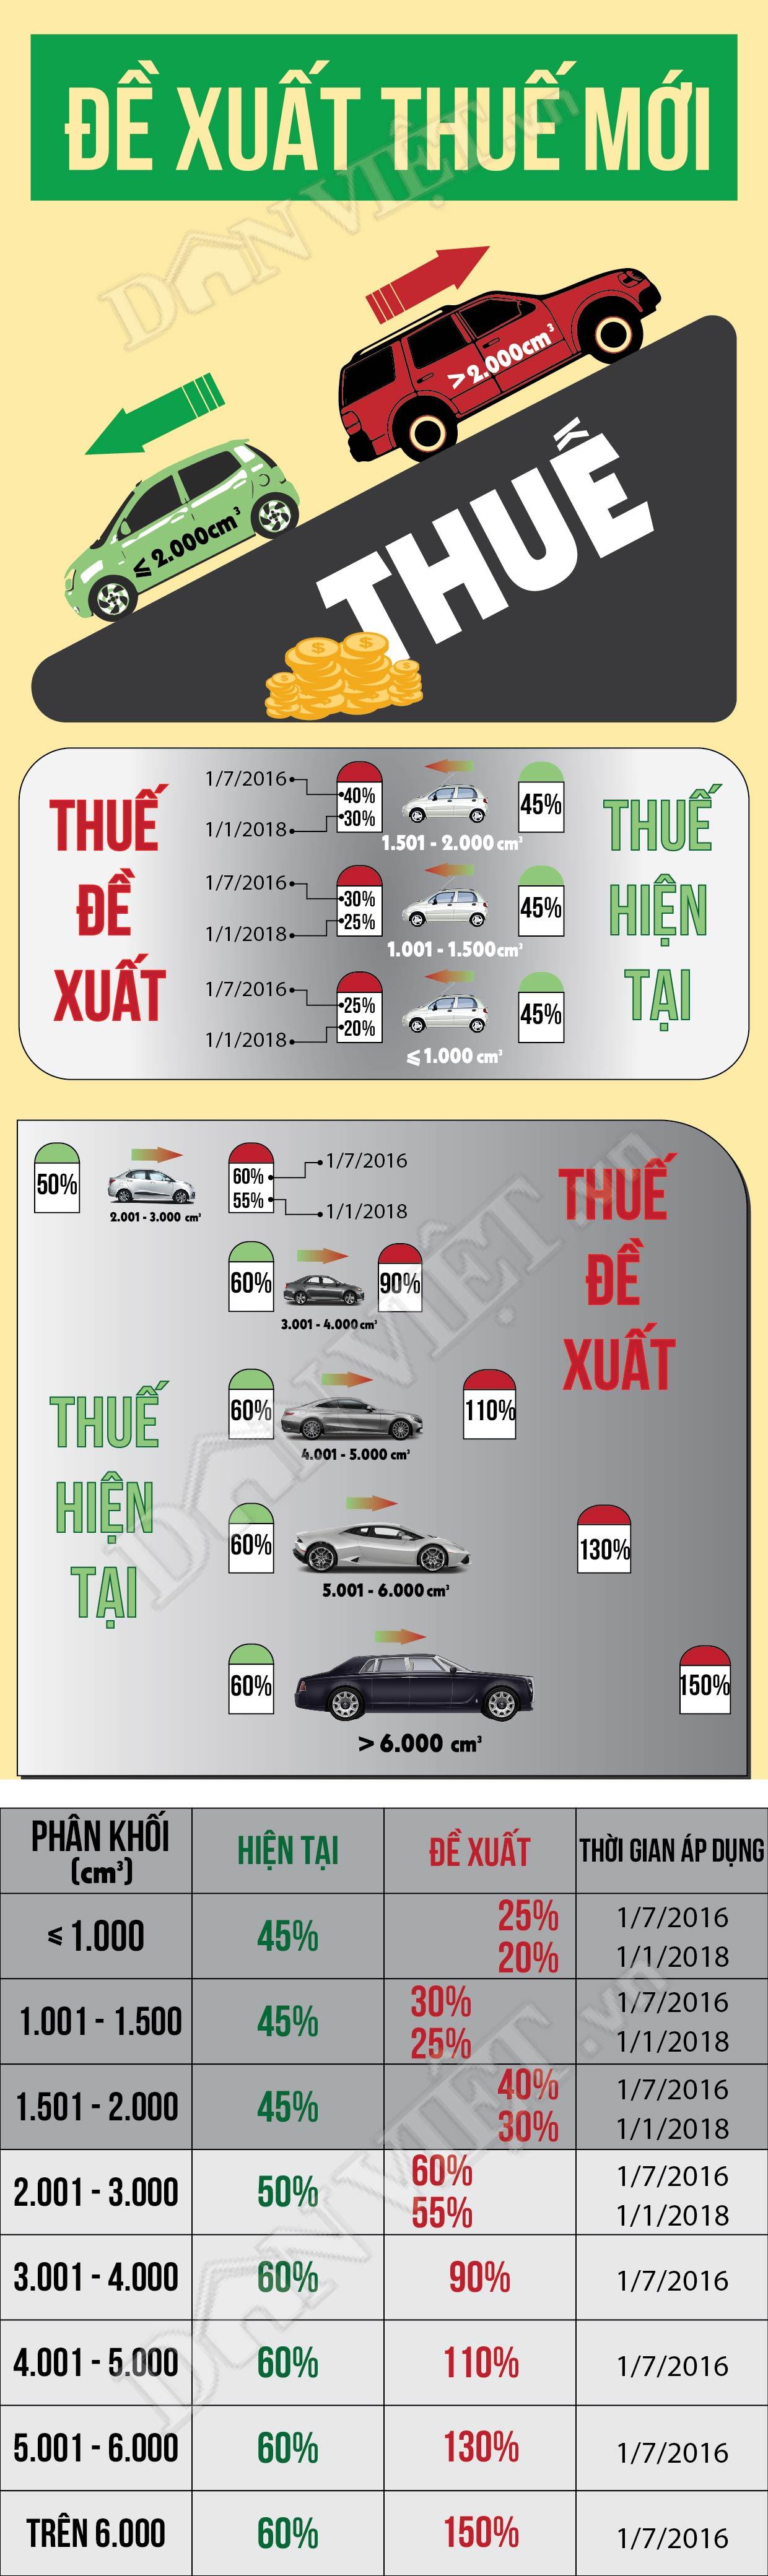 [Infographic] Giảm thuế xe ô tô, mua xe nào rẻ nhất? - 1